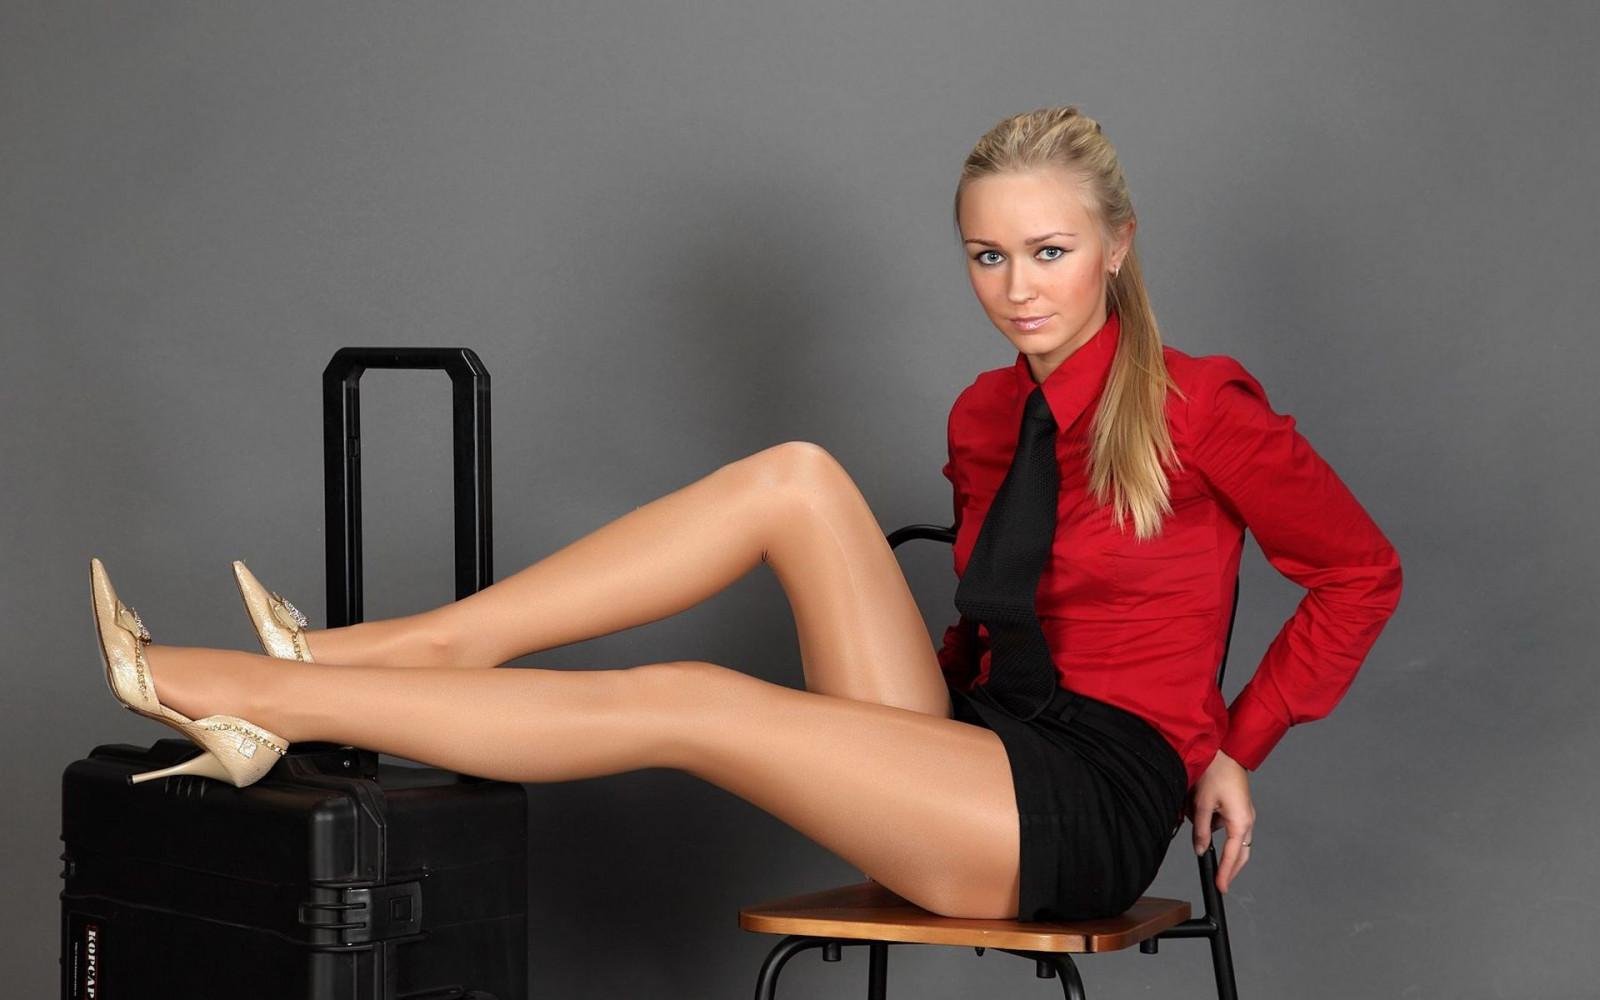 Tapeta Ženske, Blondinka, Dolgi lasje, Sedenje, Visoke pete, Pevec, Pantyhose, Črna-6652